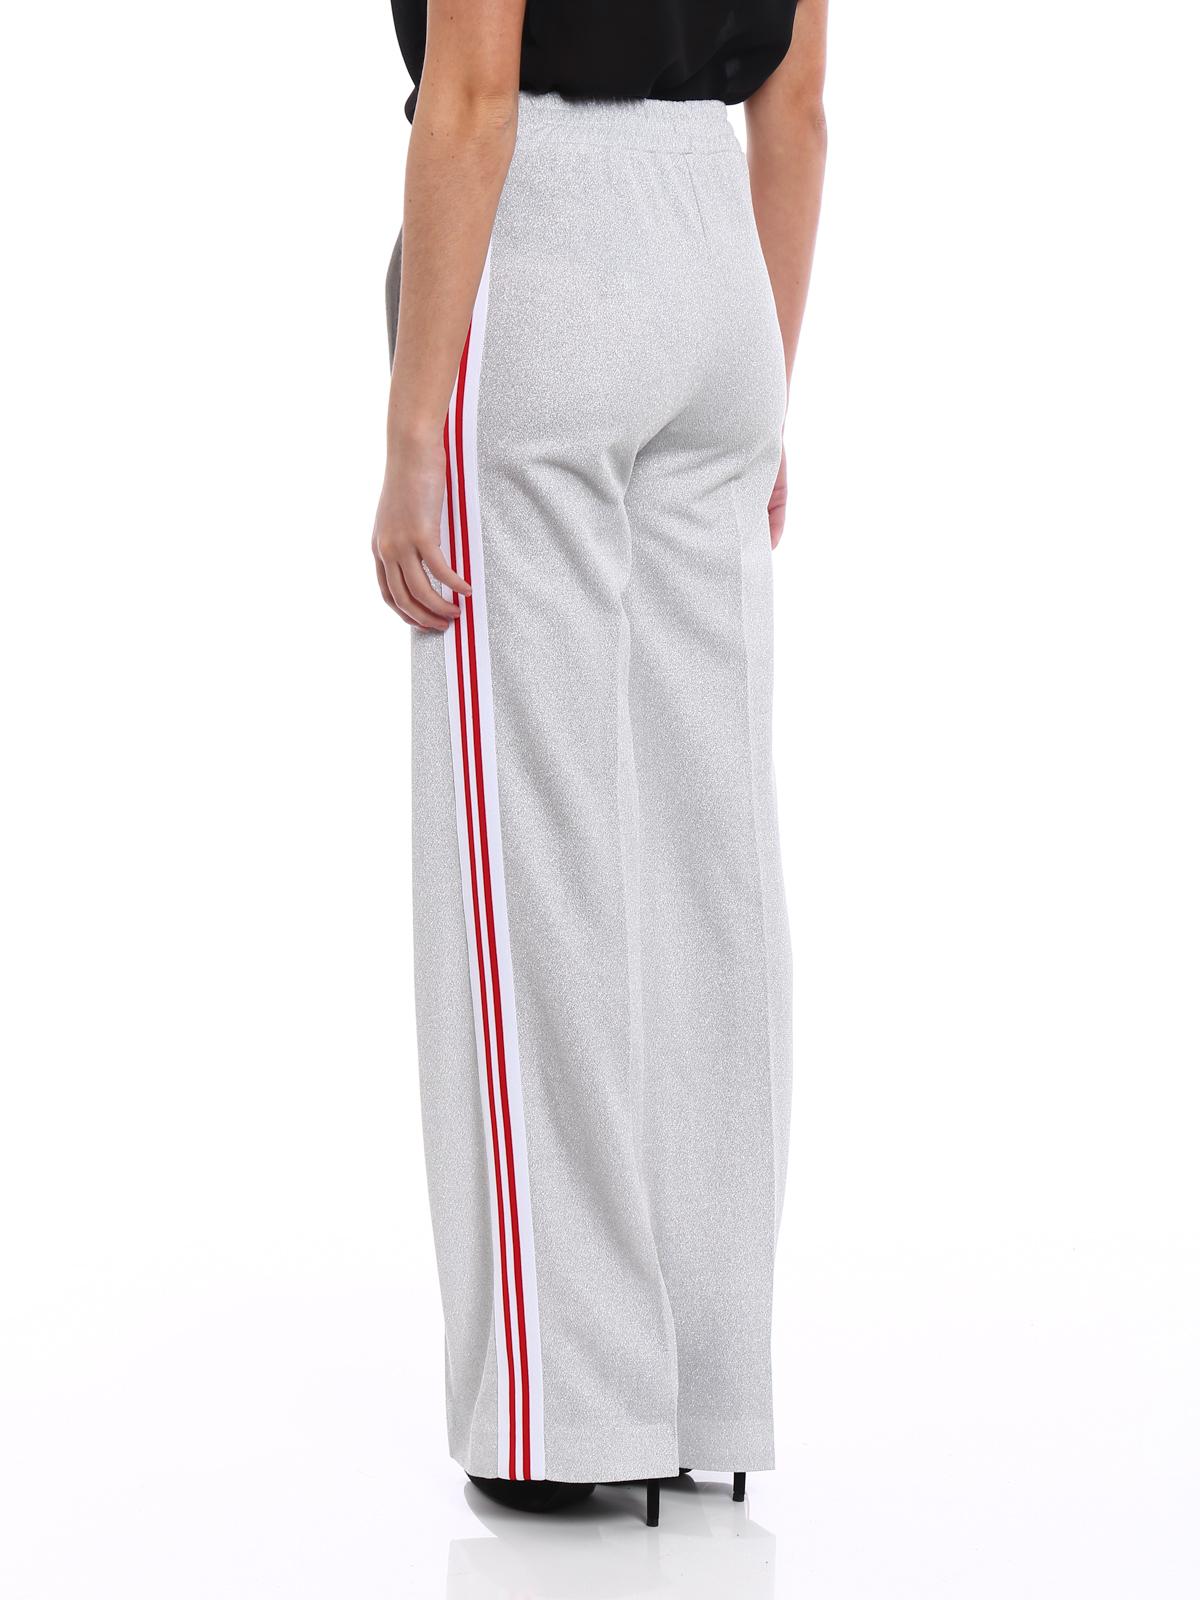 18b0029fb50e04 Dondup - Pantaloni jogging in lurex argento - pantaloni casual ...